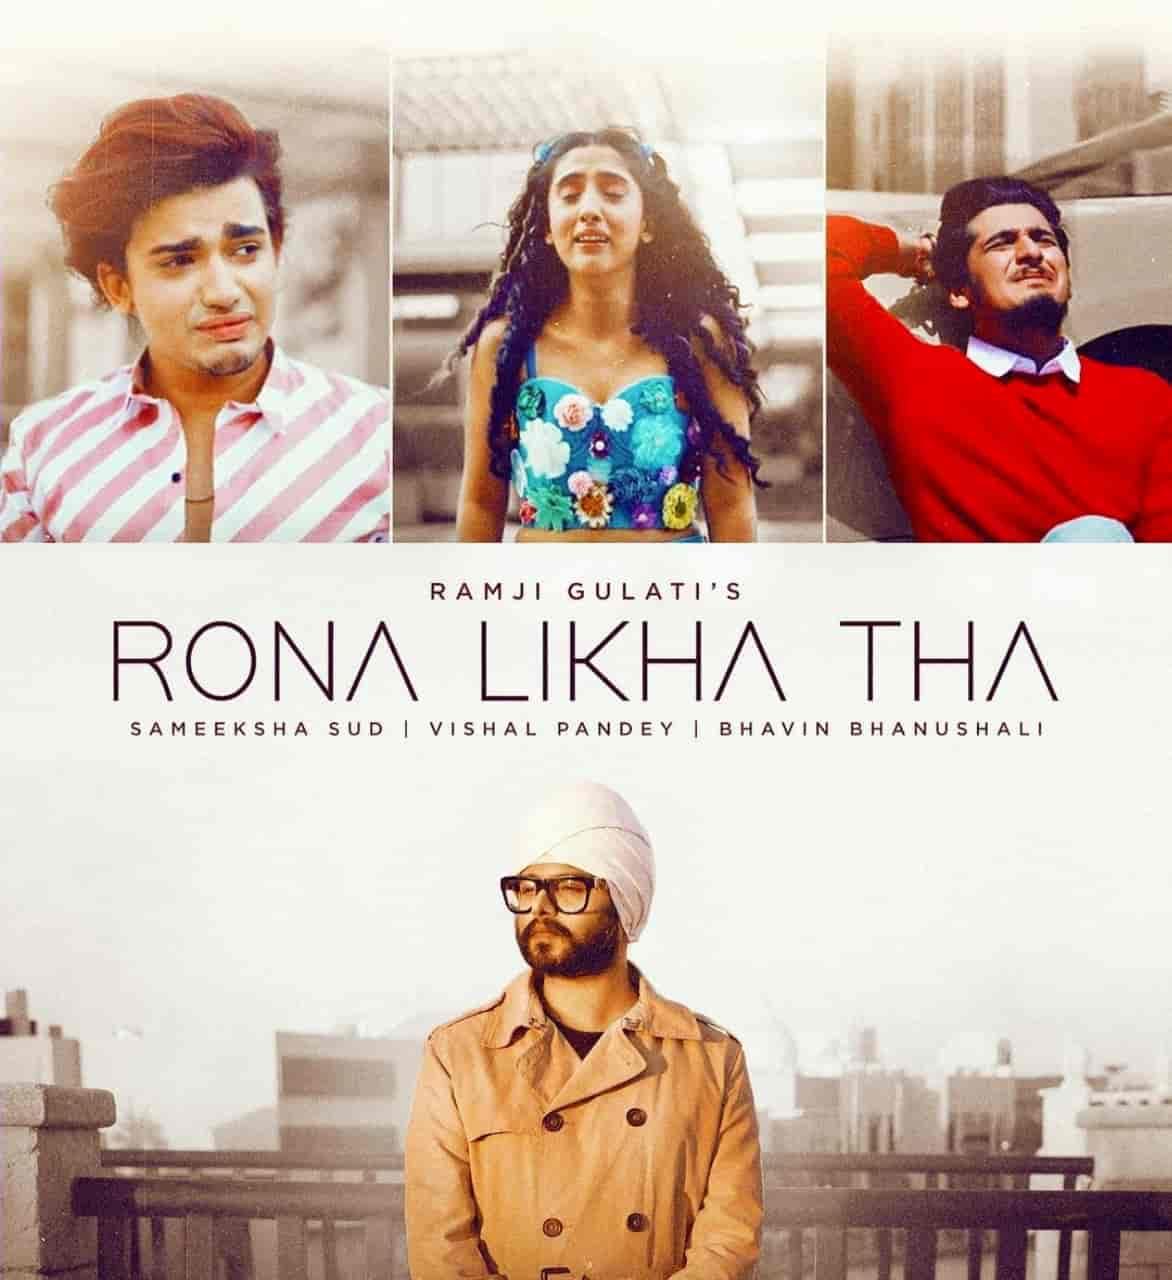 Rona Likha Tha Song Image Features Bhavin Bhanushali, Vishal Pandey and Sameeksha Sud